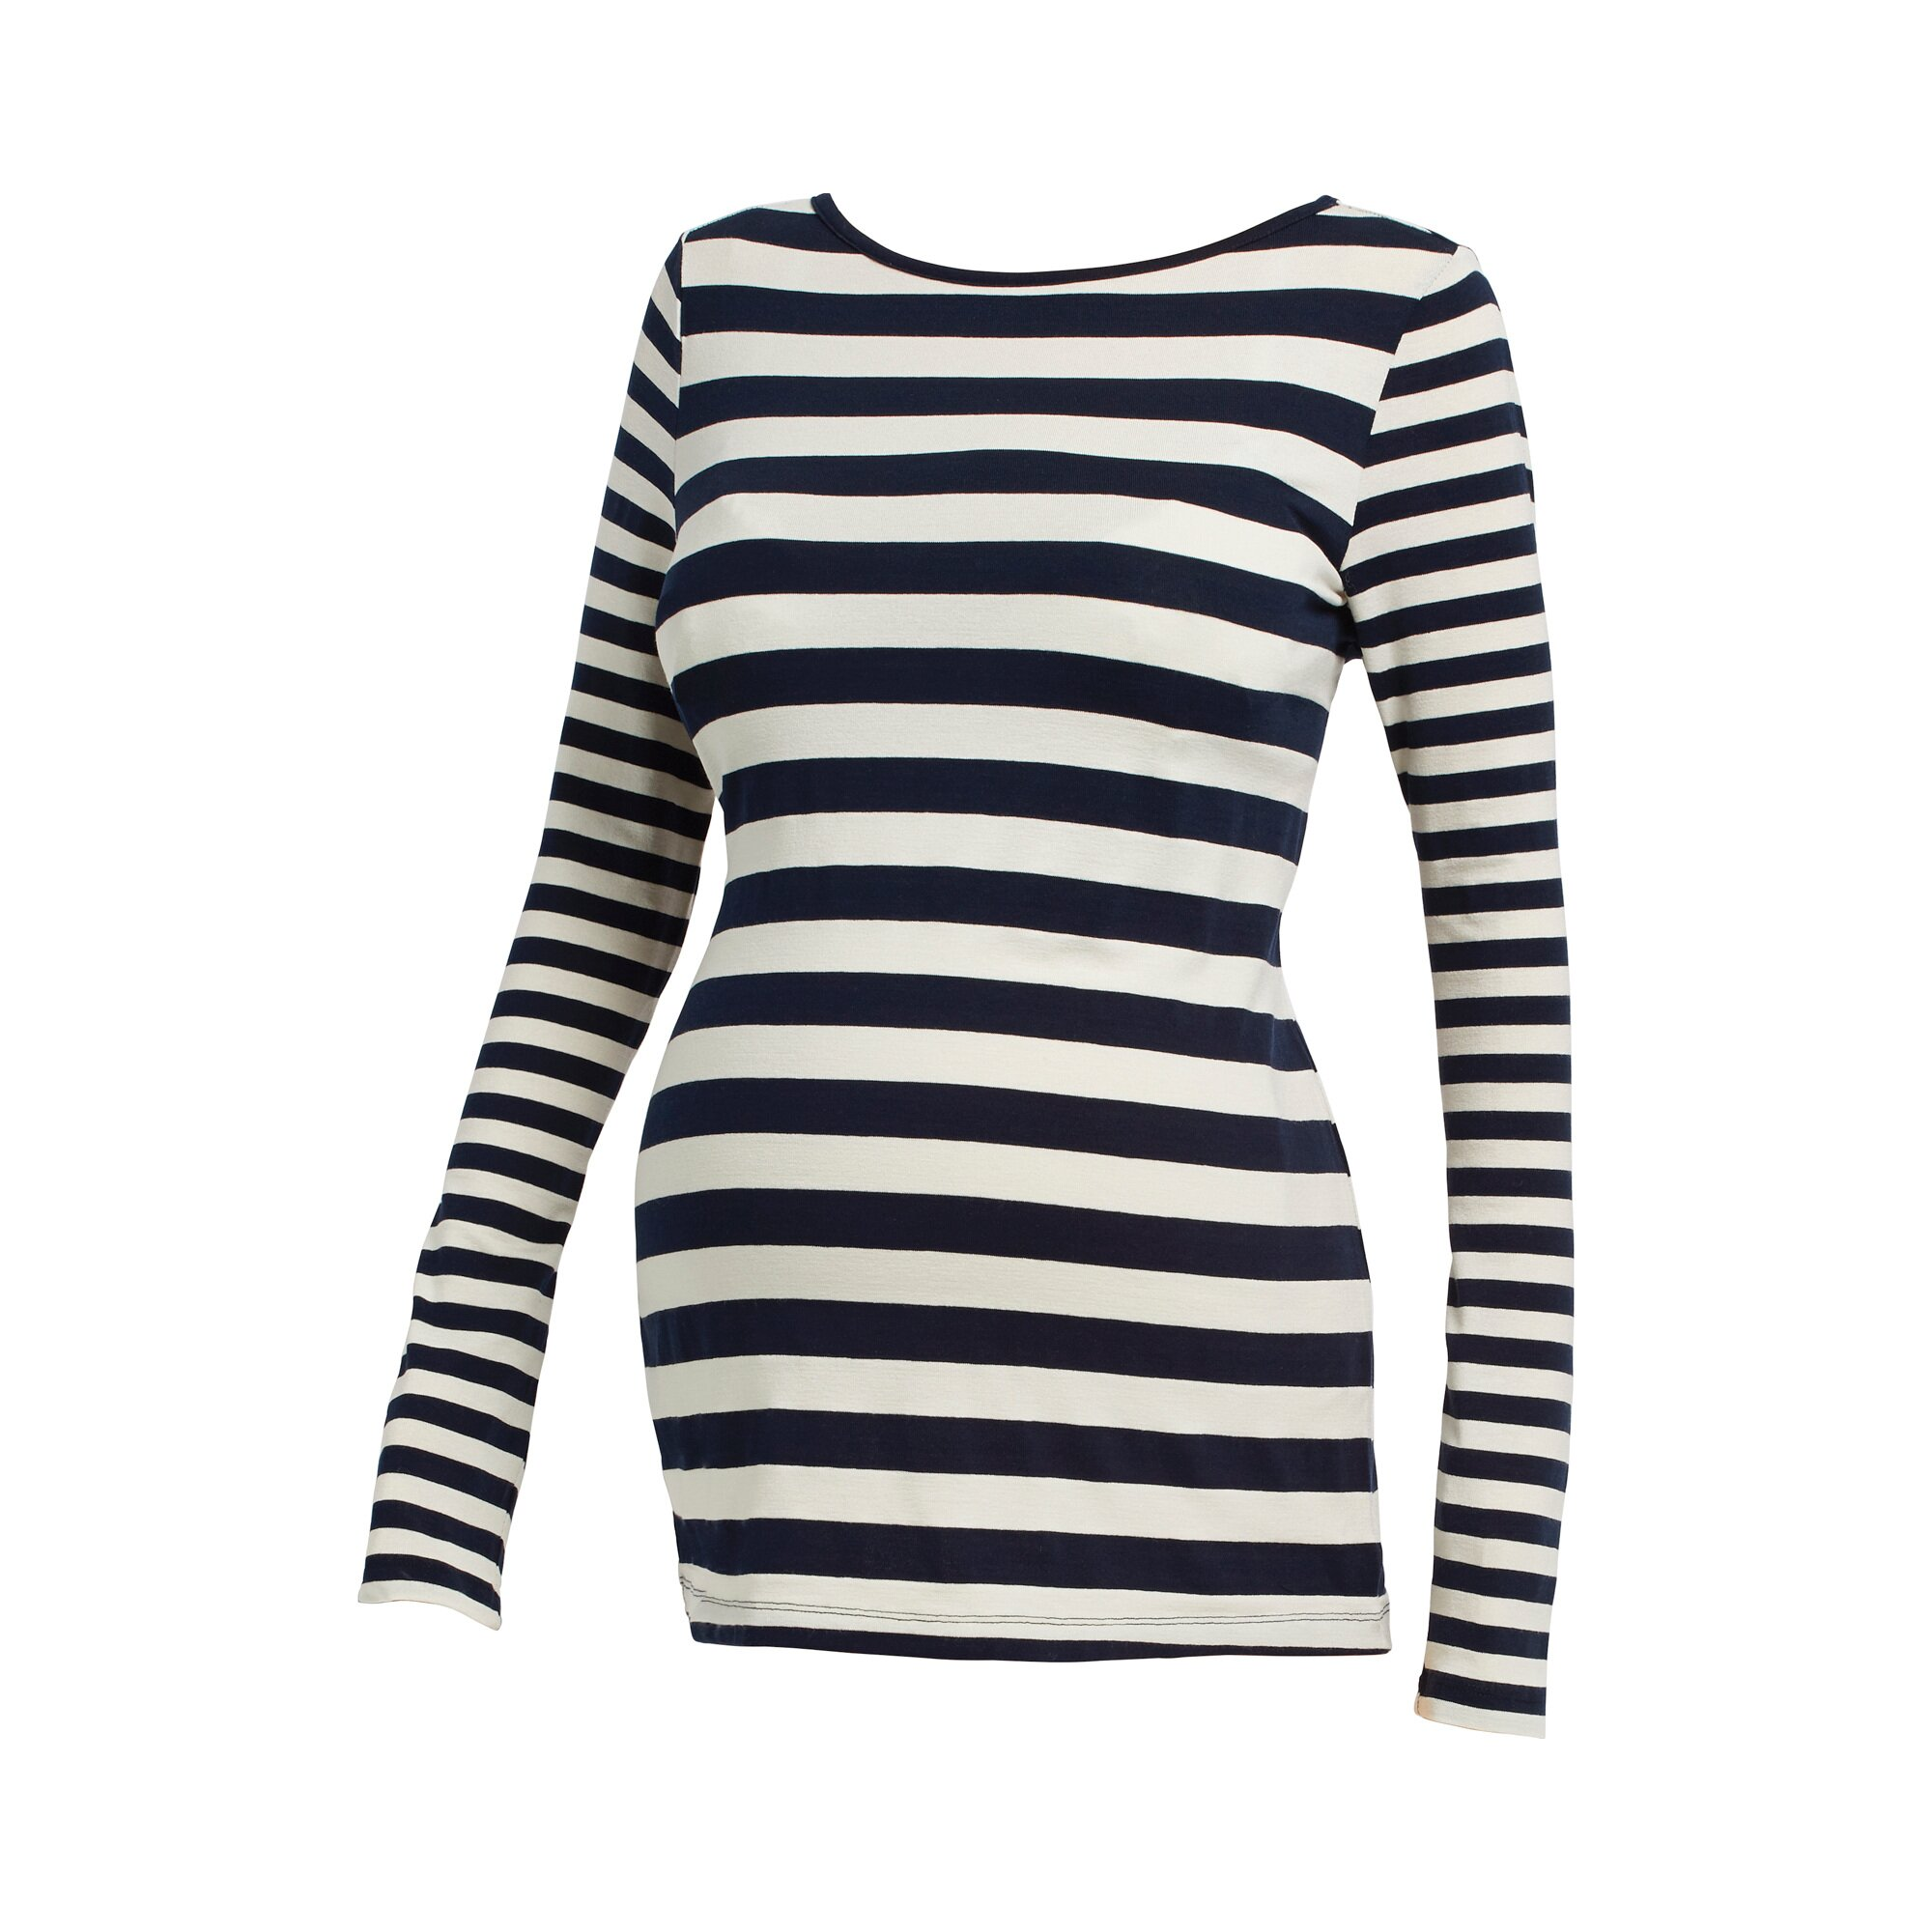 2hearts-umstandsshirt-langarm-maritime-stripes